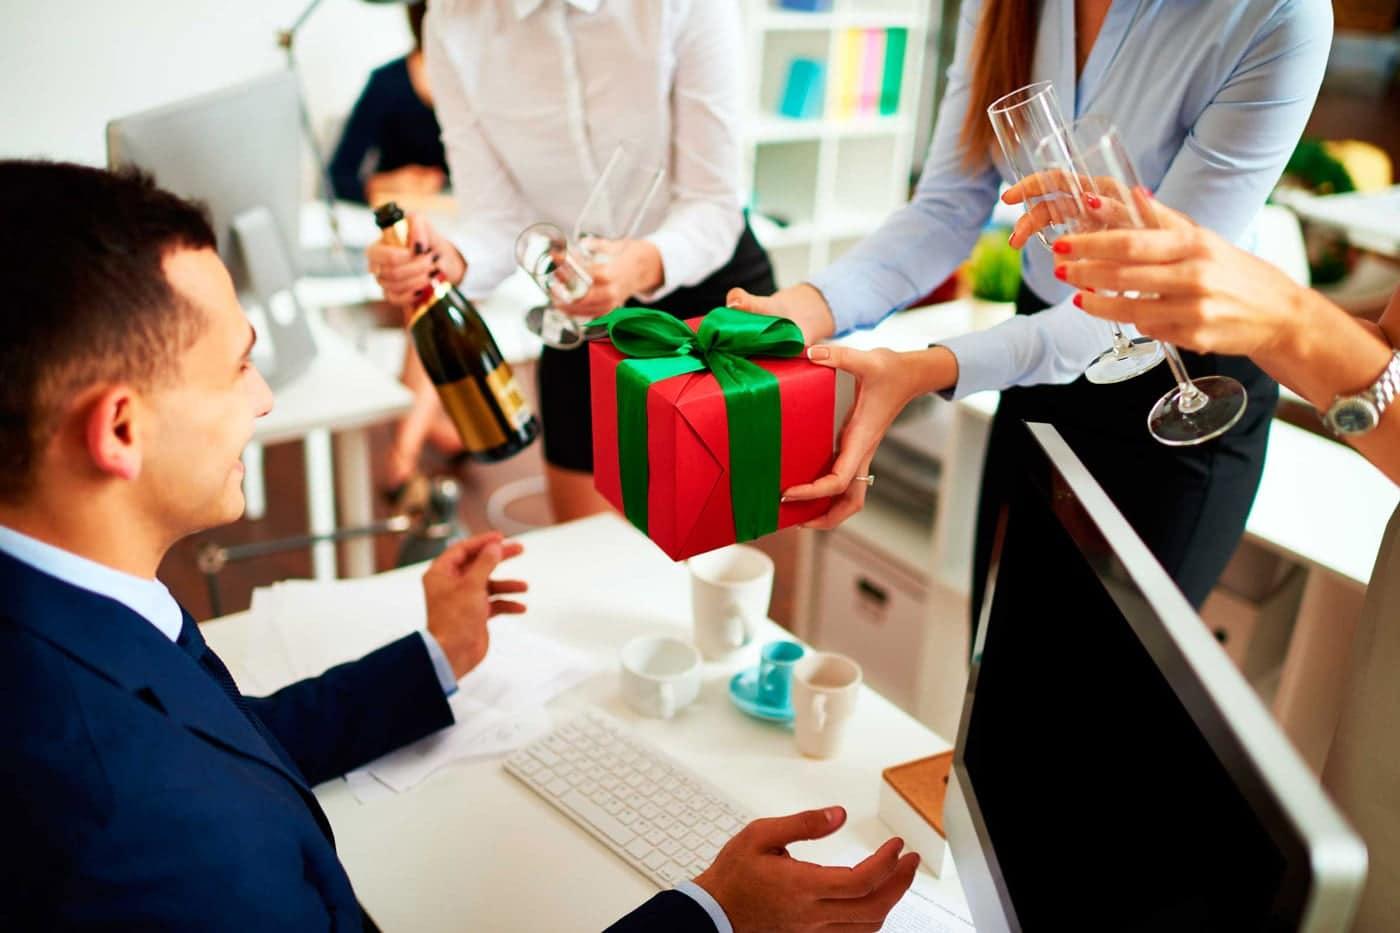 هدیه دادن در محل کار